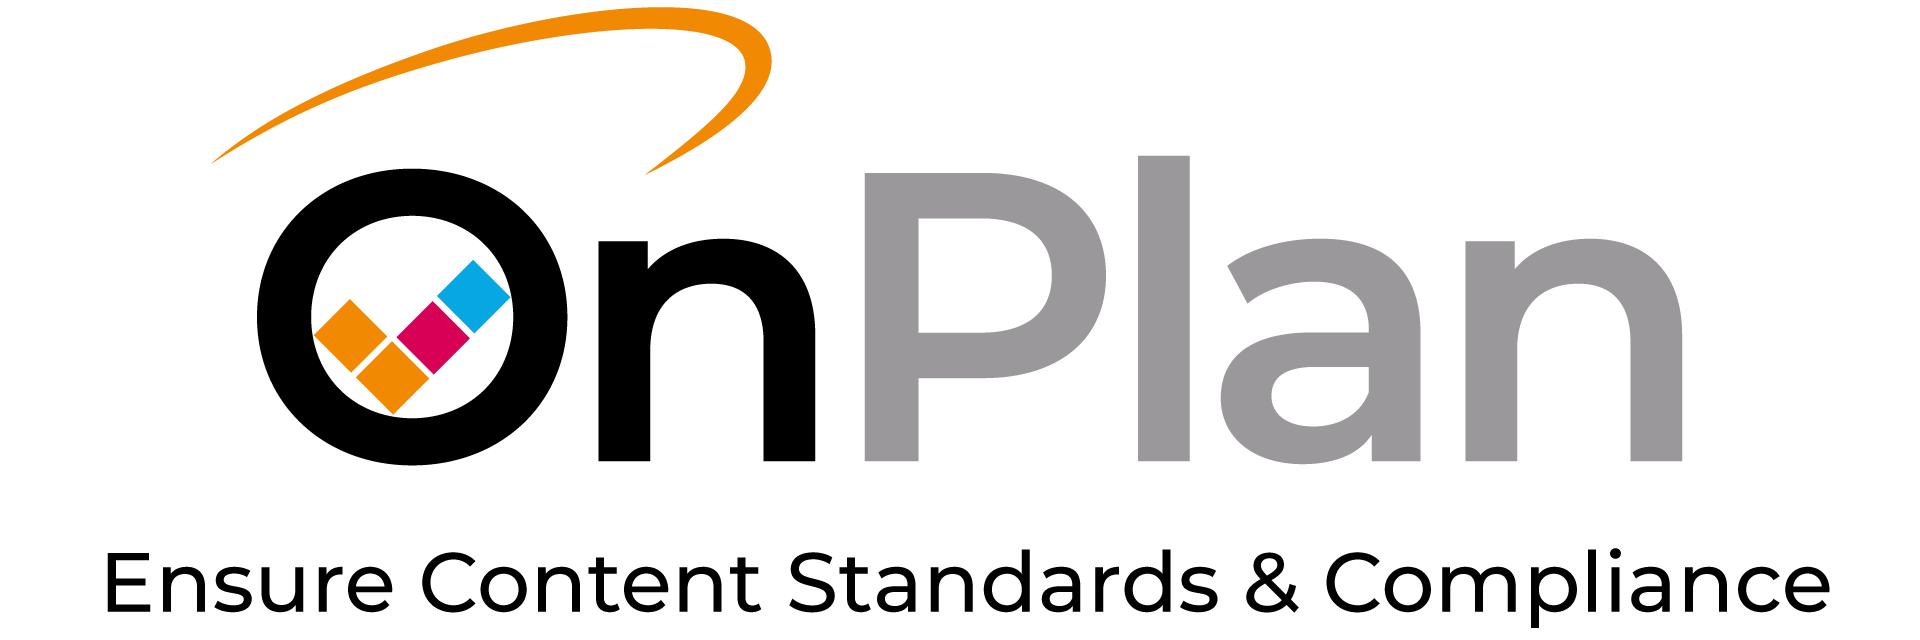 EMMsphere Onplan Services